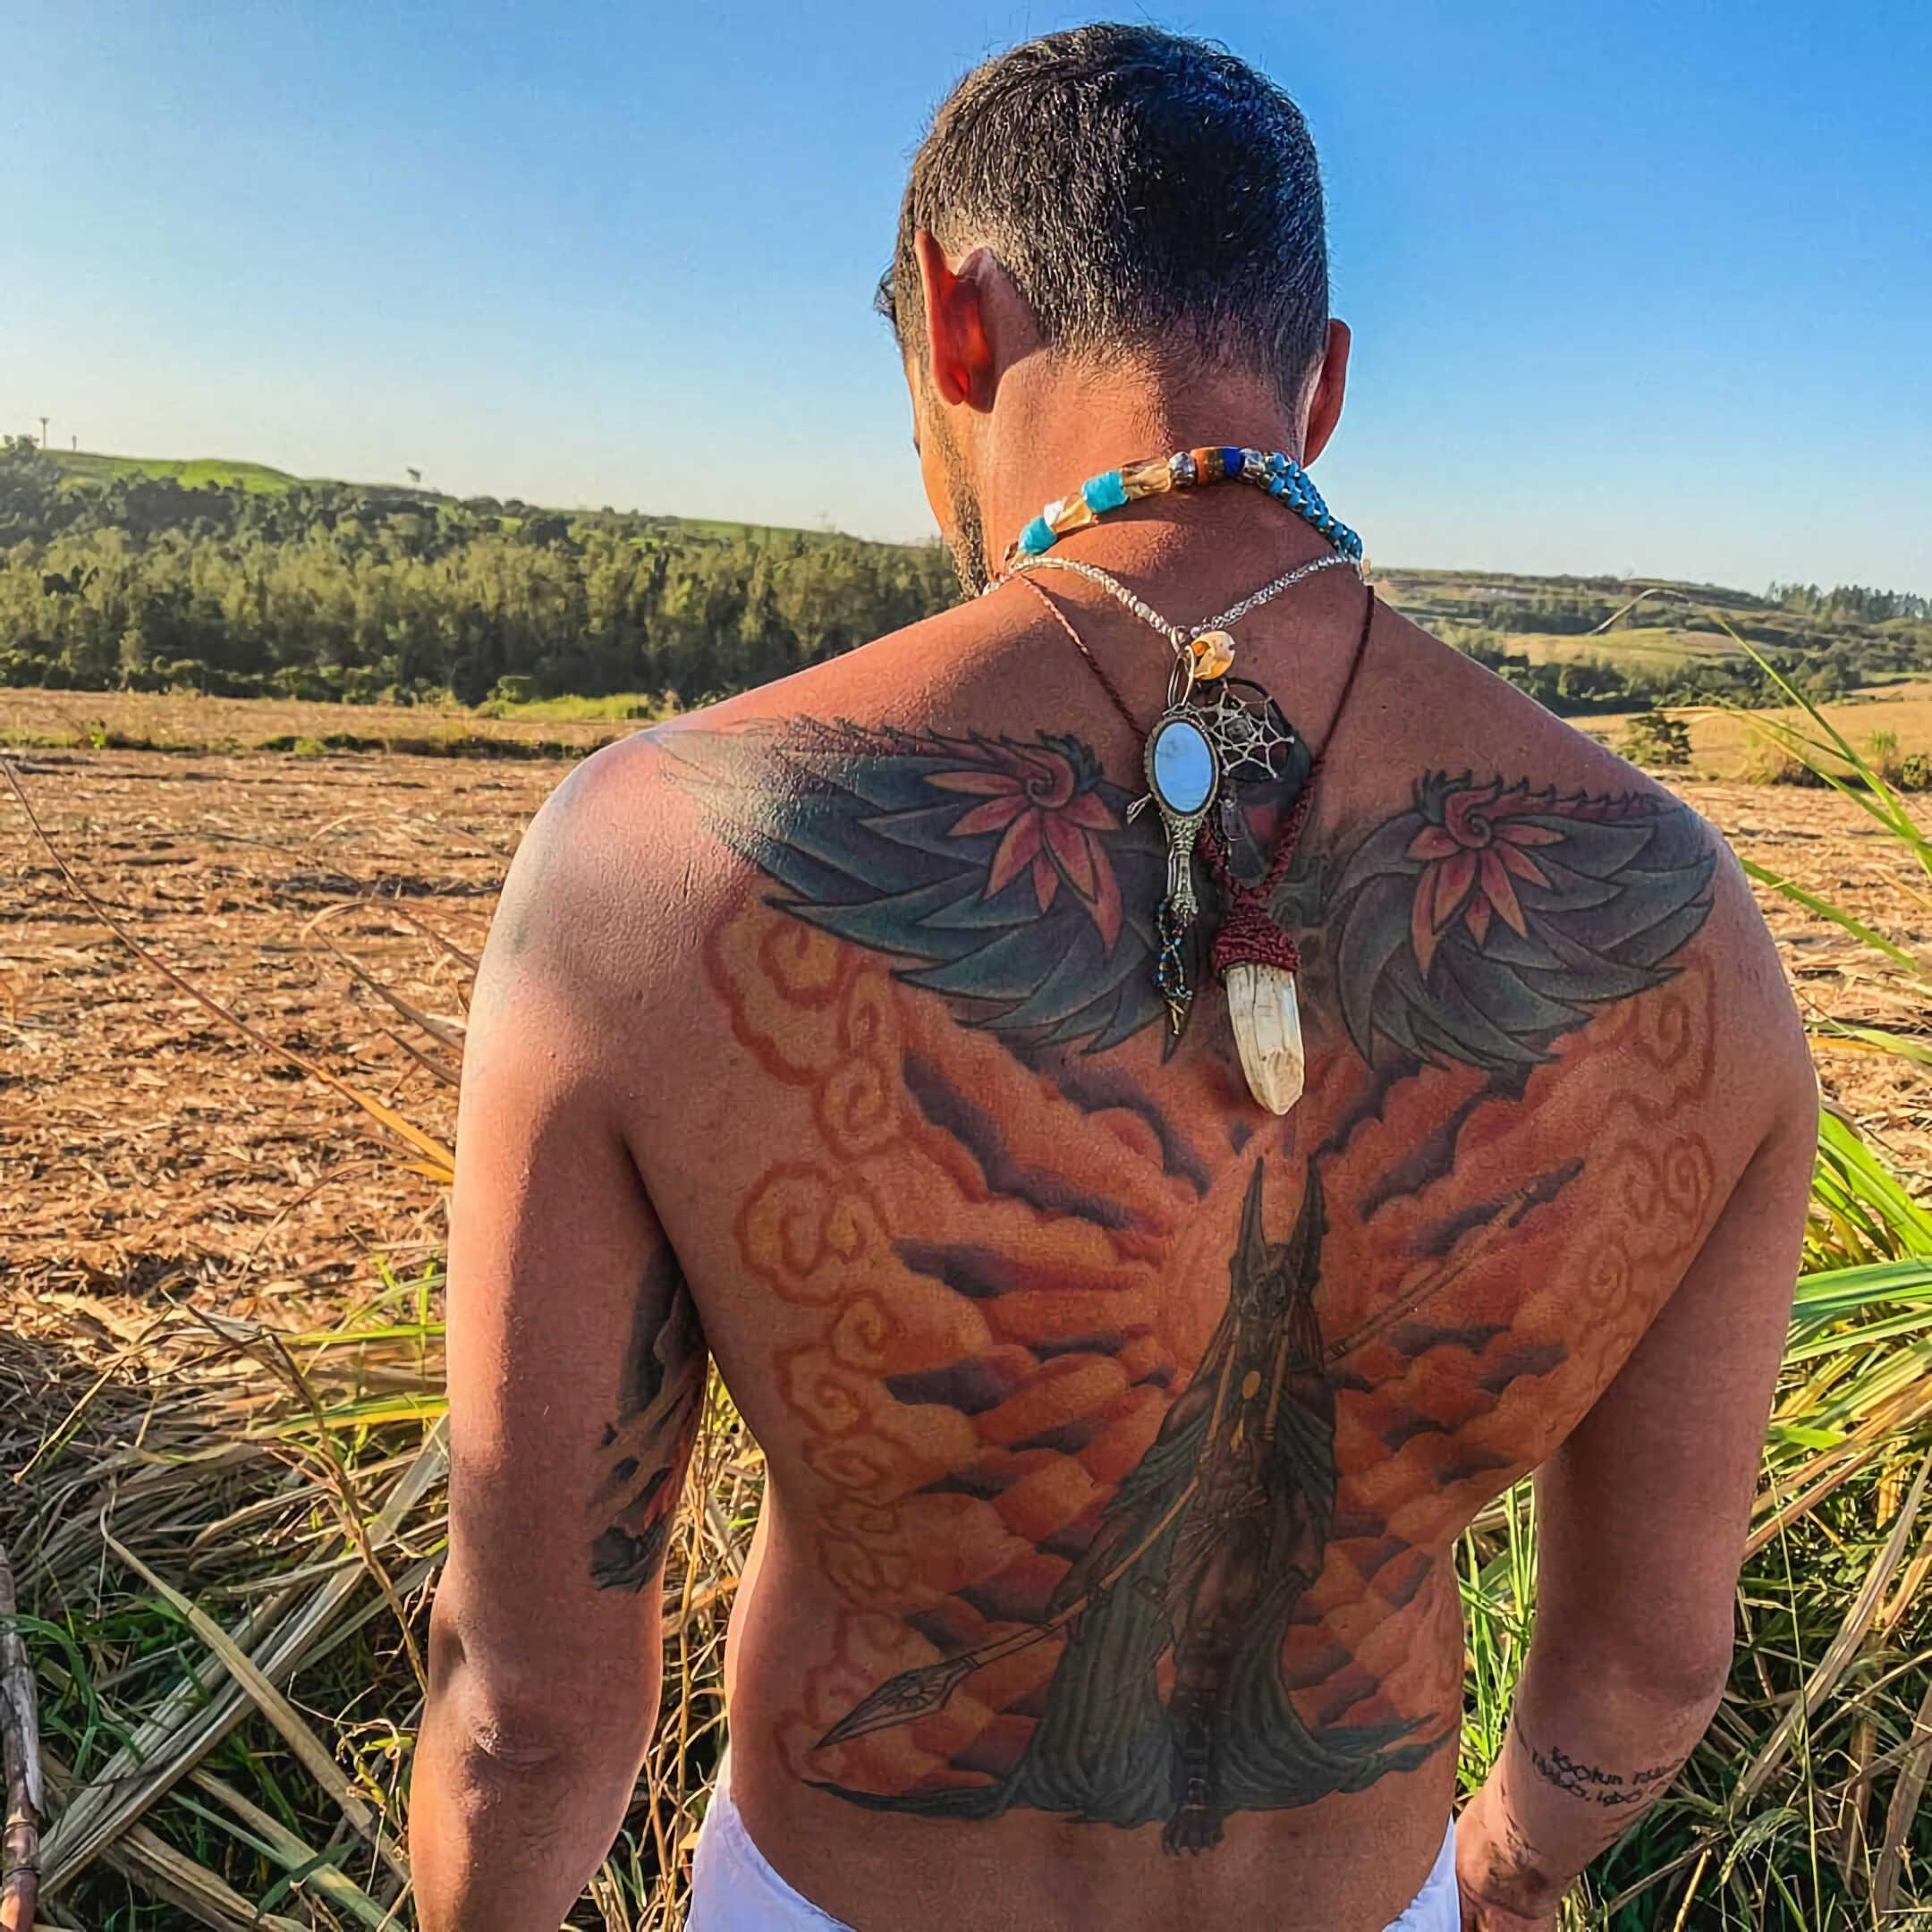 татуирвока Анубиса на спине с крыльями